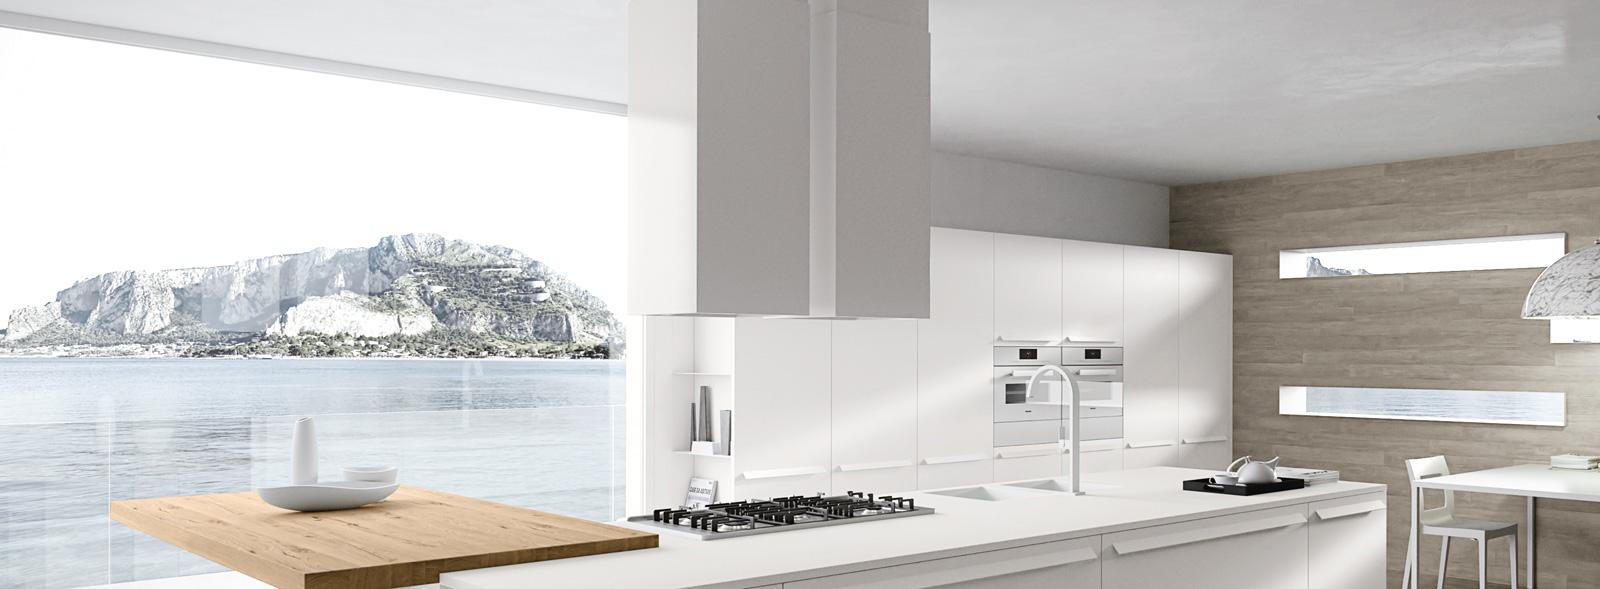 Lav-in | Cappe d\'aspirazione per cucina